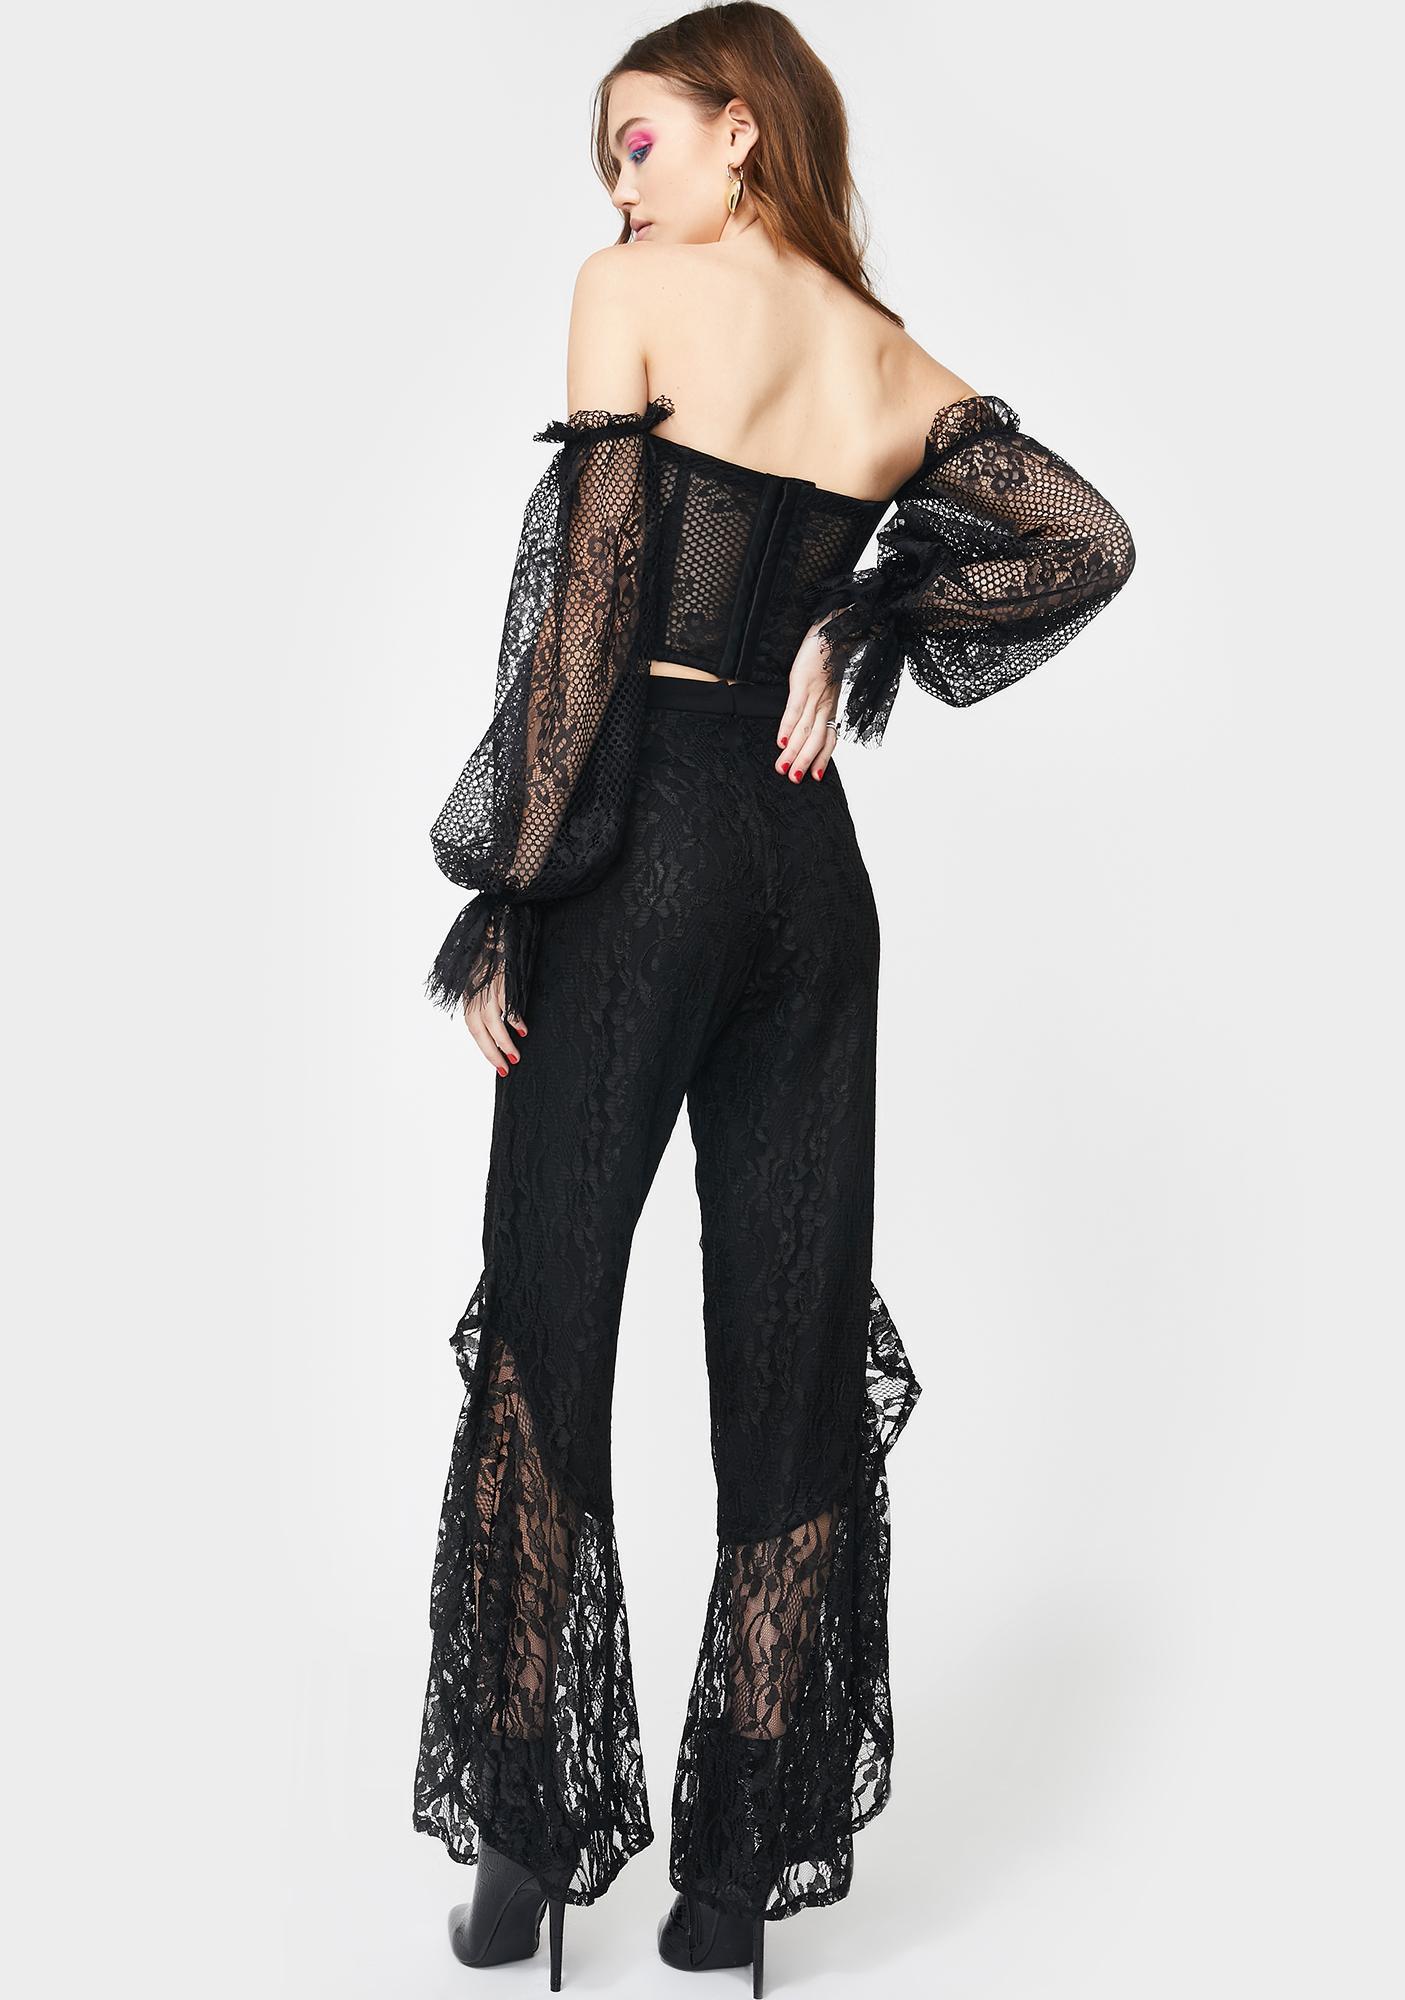 Kiki Riki Rogue Desire Lace Pants